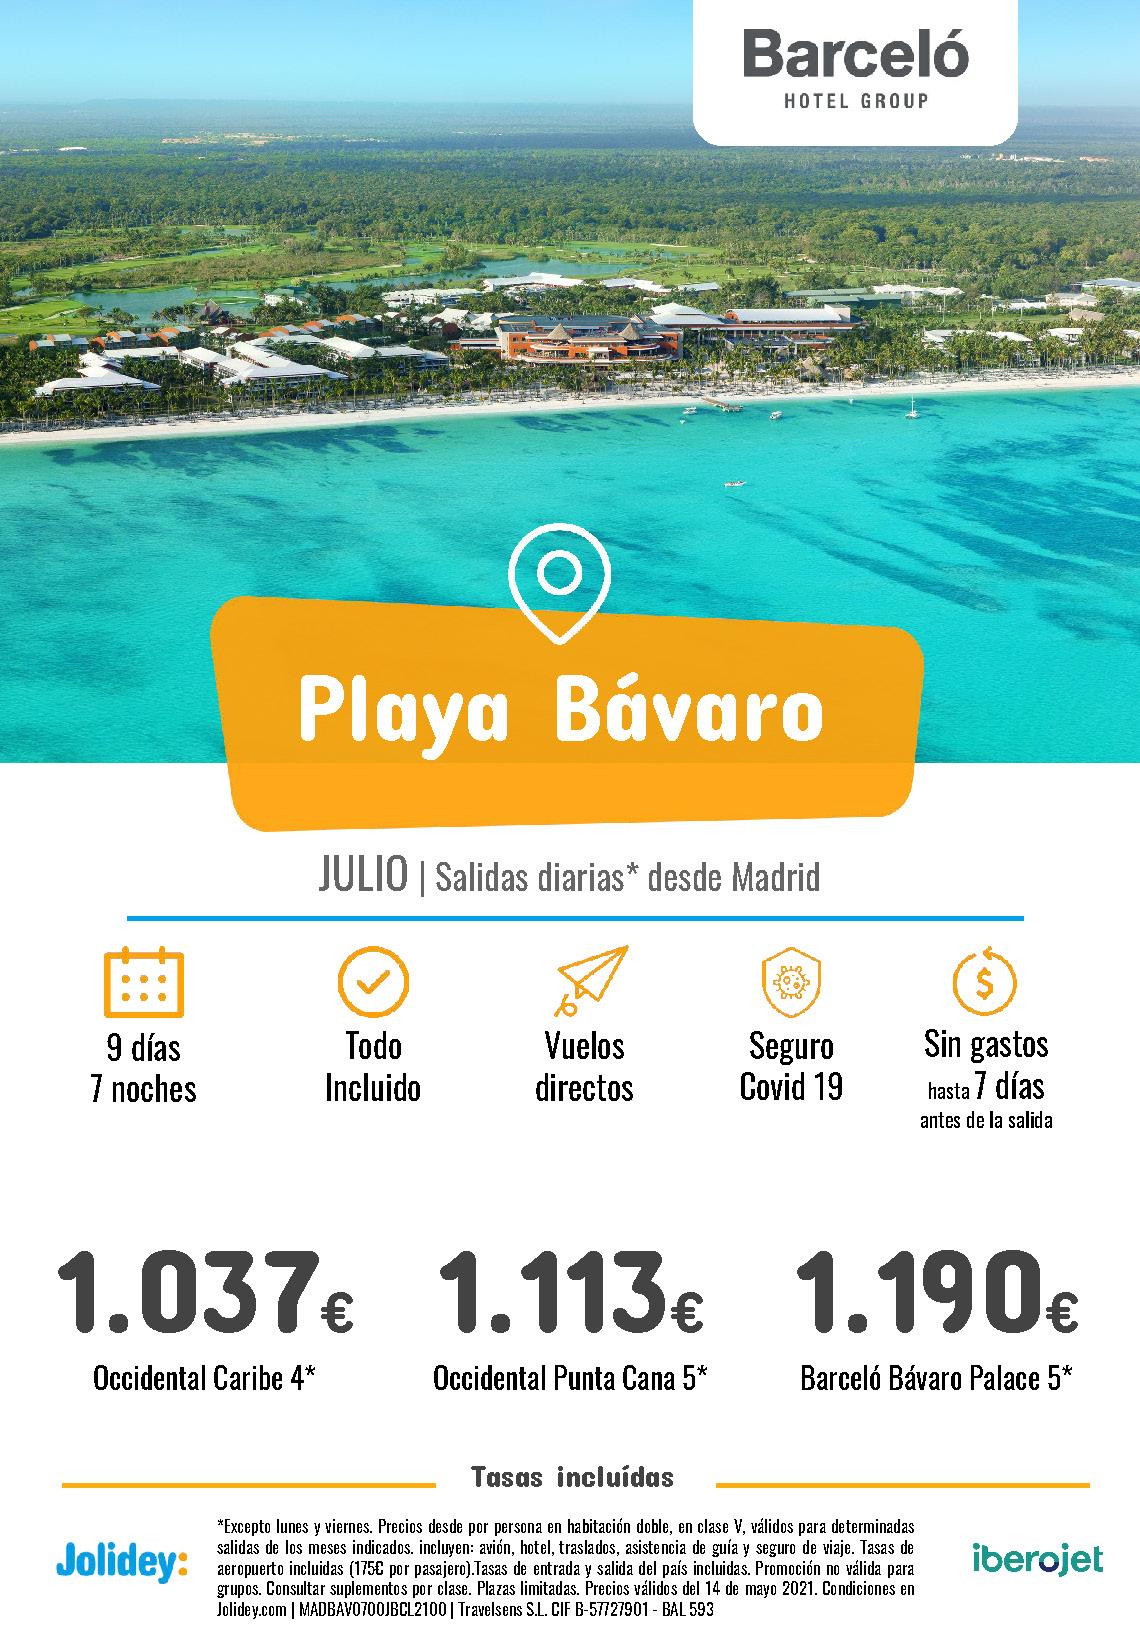 Ofertas Jolidey Punta Cana Plana Bavaro Barcelo Julio 2021 vuelo directo desde Madrid